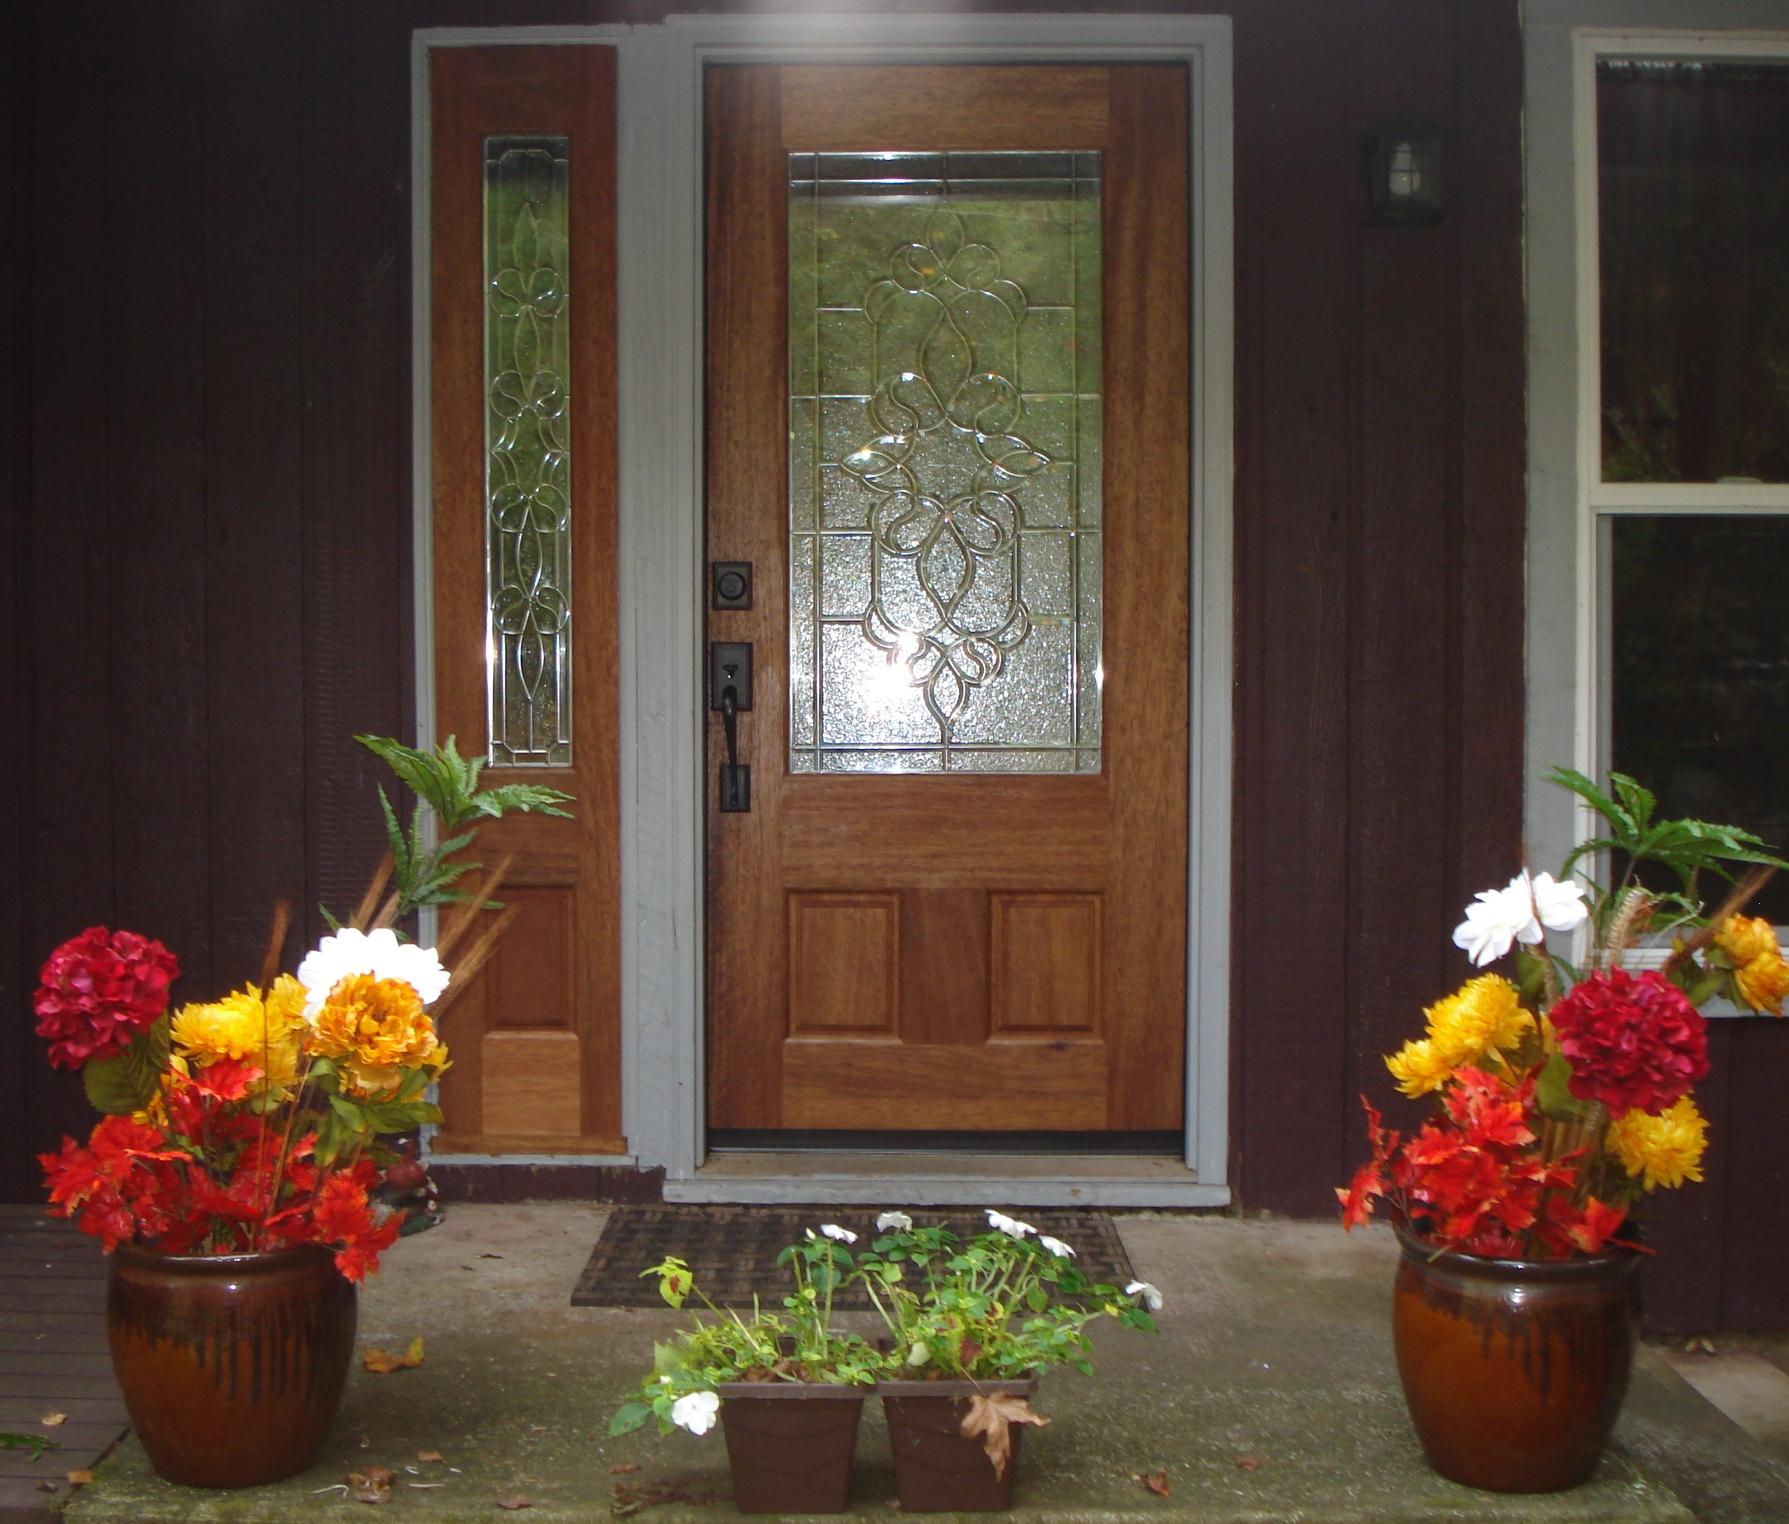 Flowers For Front Door: Terri Patrick's Blog